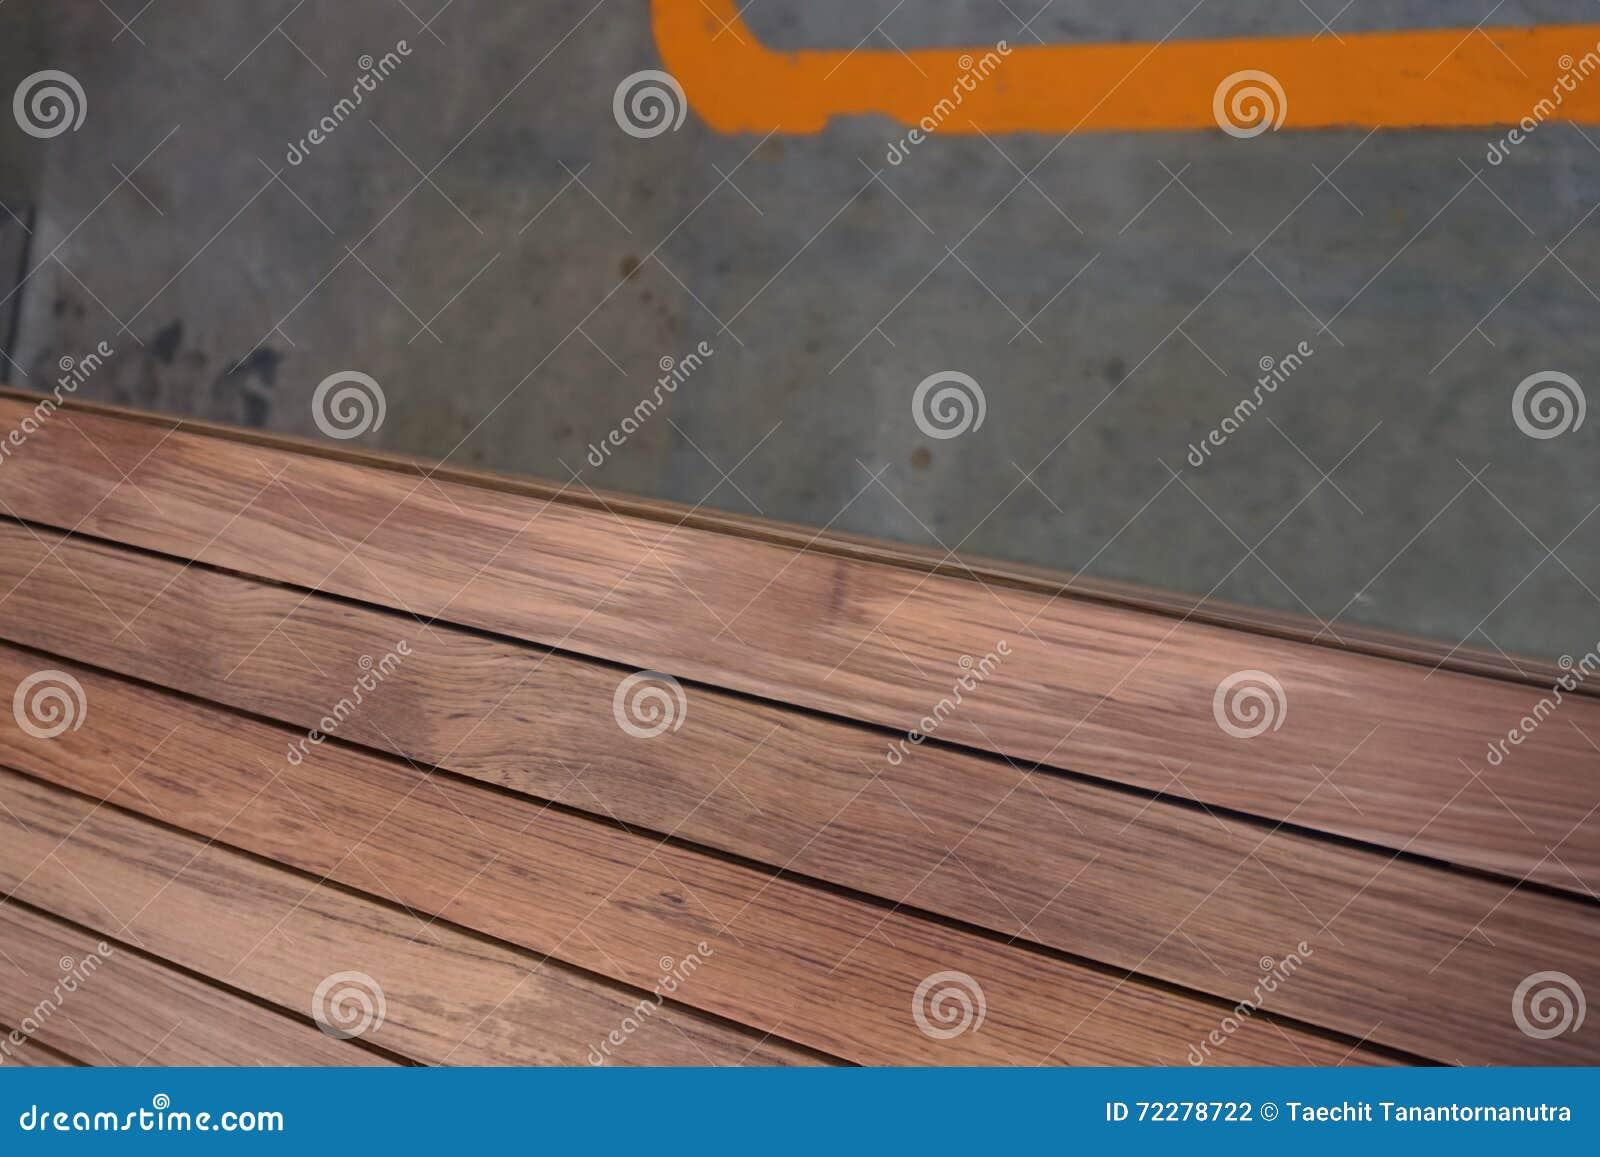 Download Абстрактная деревянная решетина Стоковое Фото - изображение насчитывающей конспектов, деревенский: 72278722